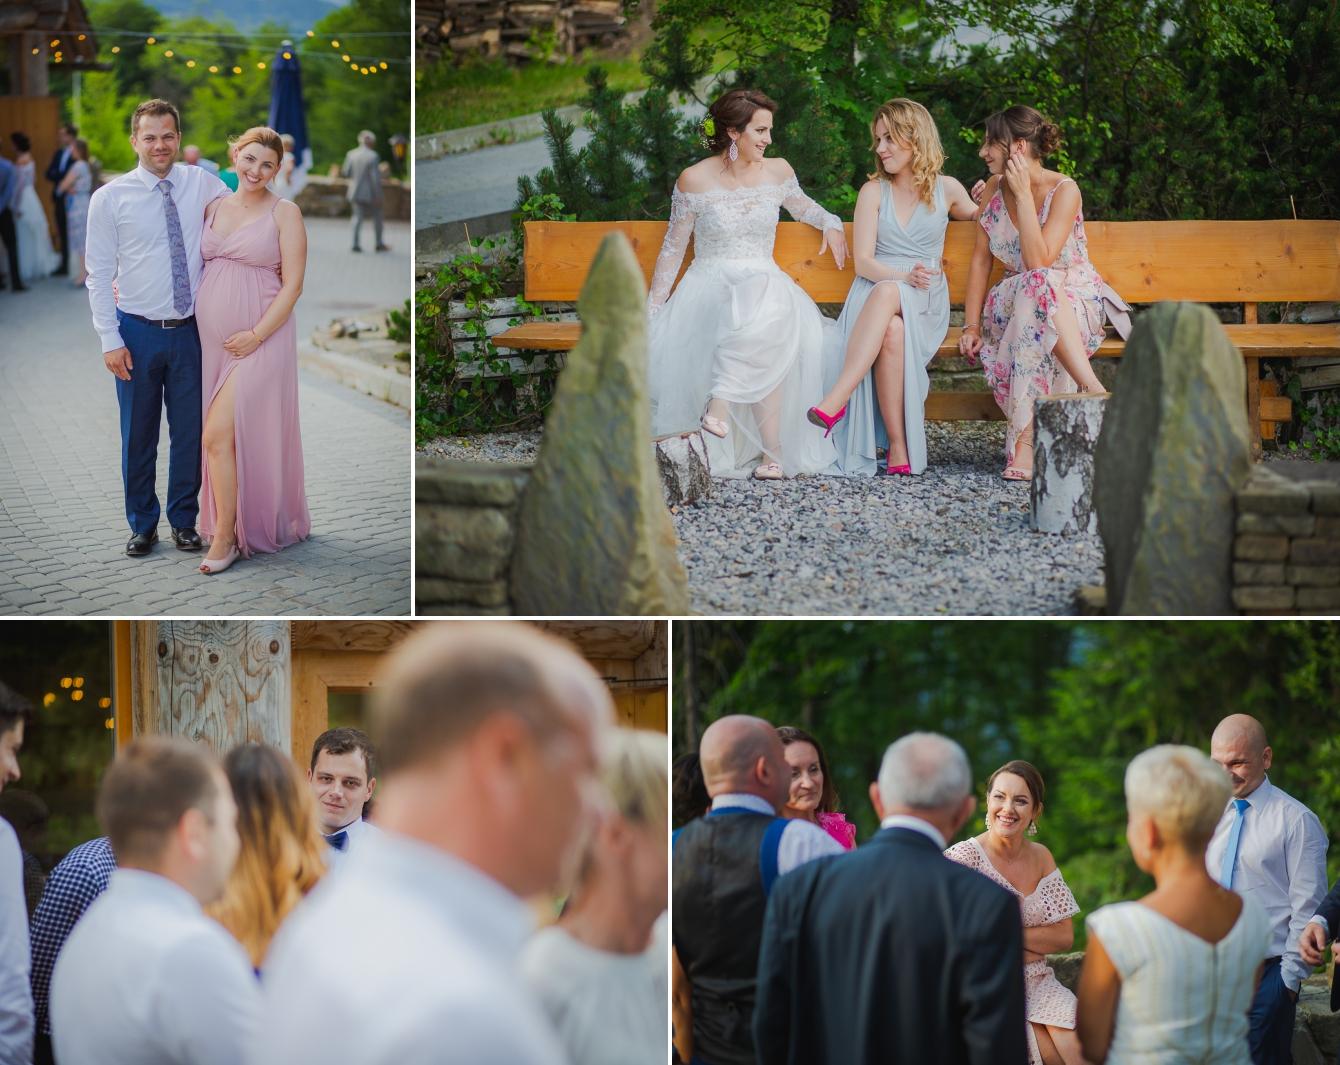 Ania i Damian - ślub w górach - Kocierz SPA - fotografia ślubna - bartek Wyrobek  (20).jpg